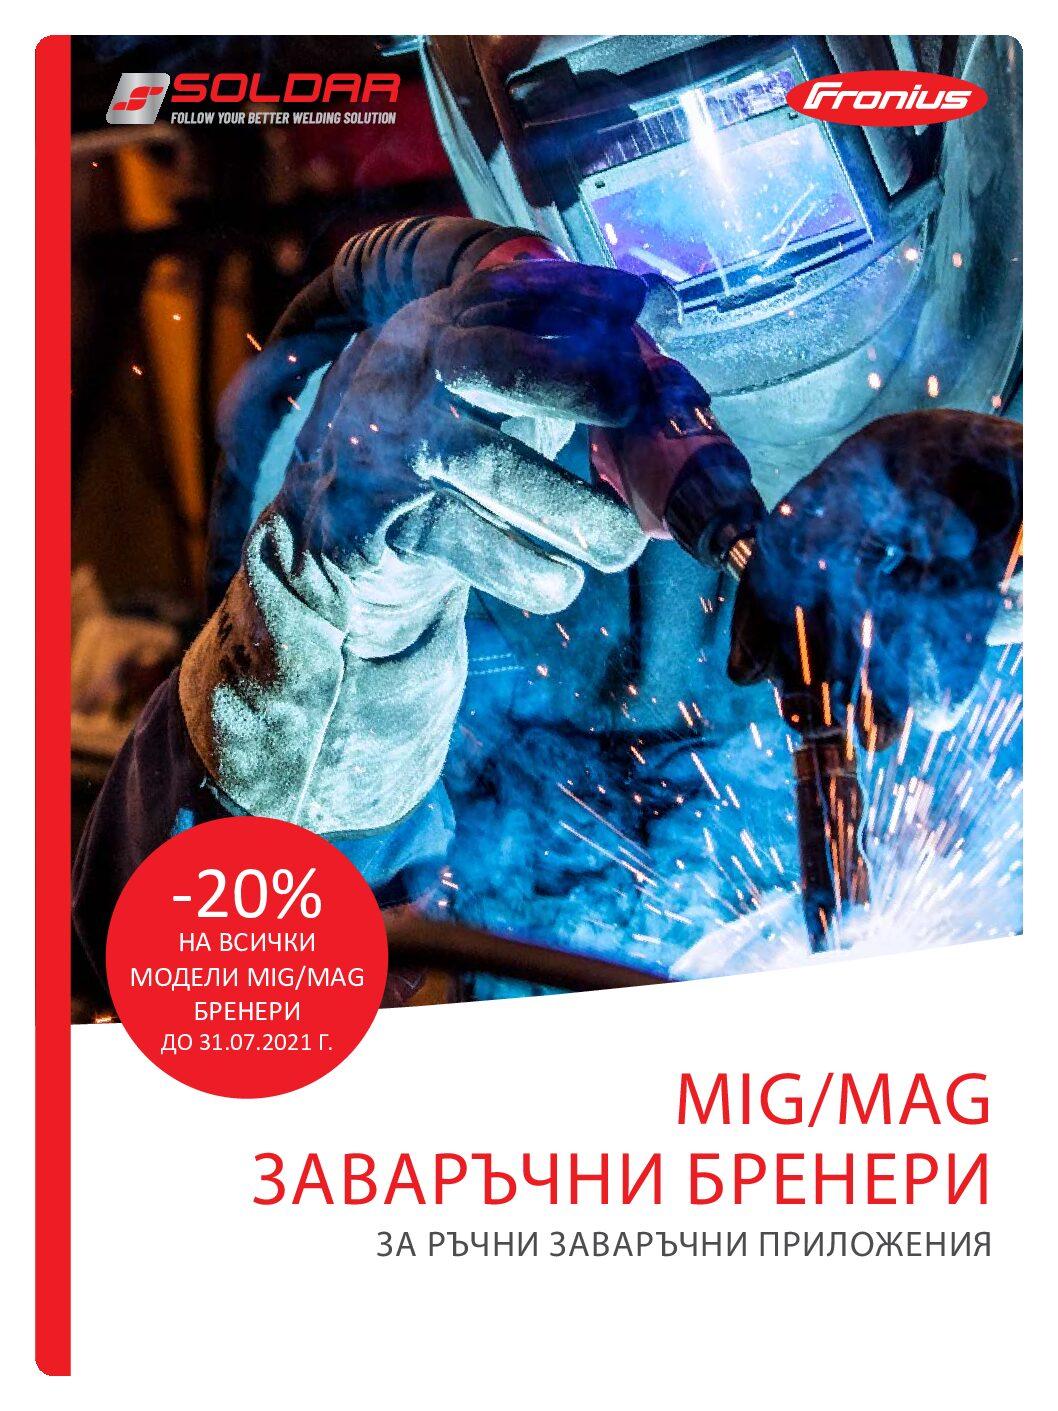 -20% Отстъпка на MIG/MAG бренери